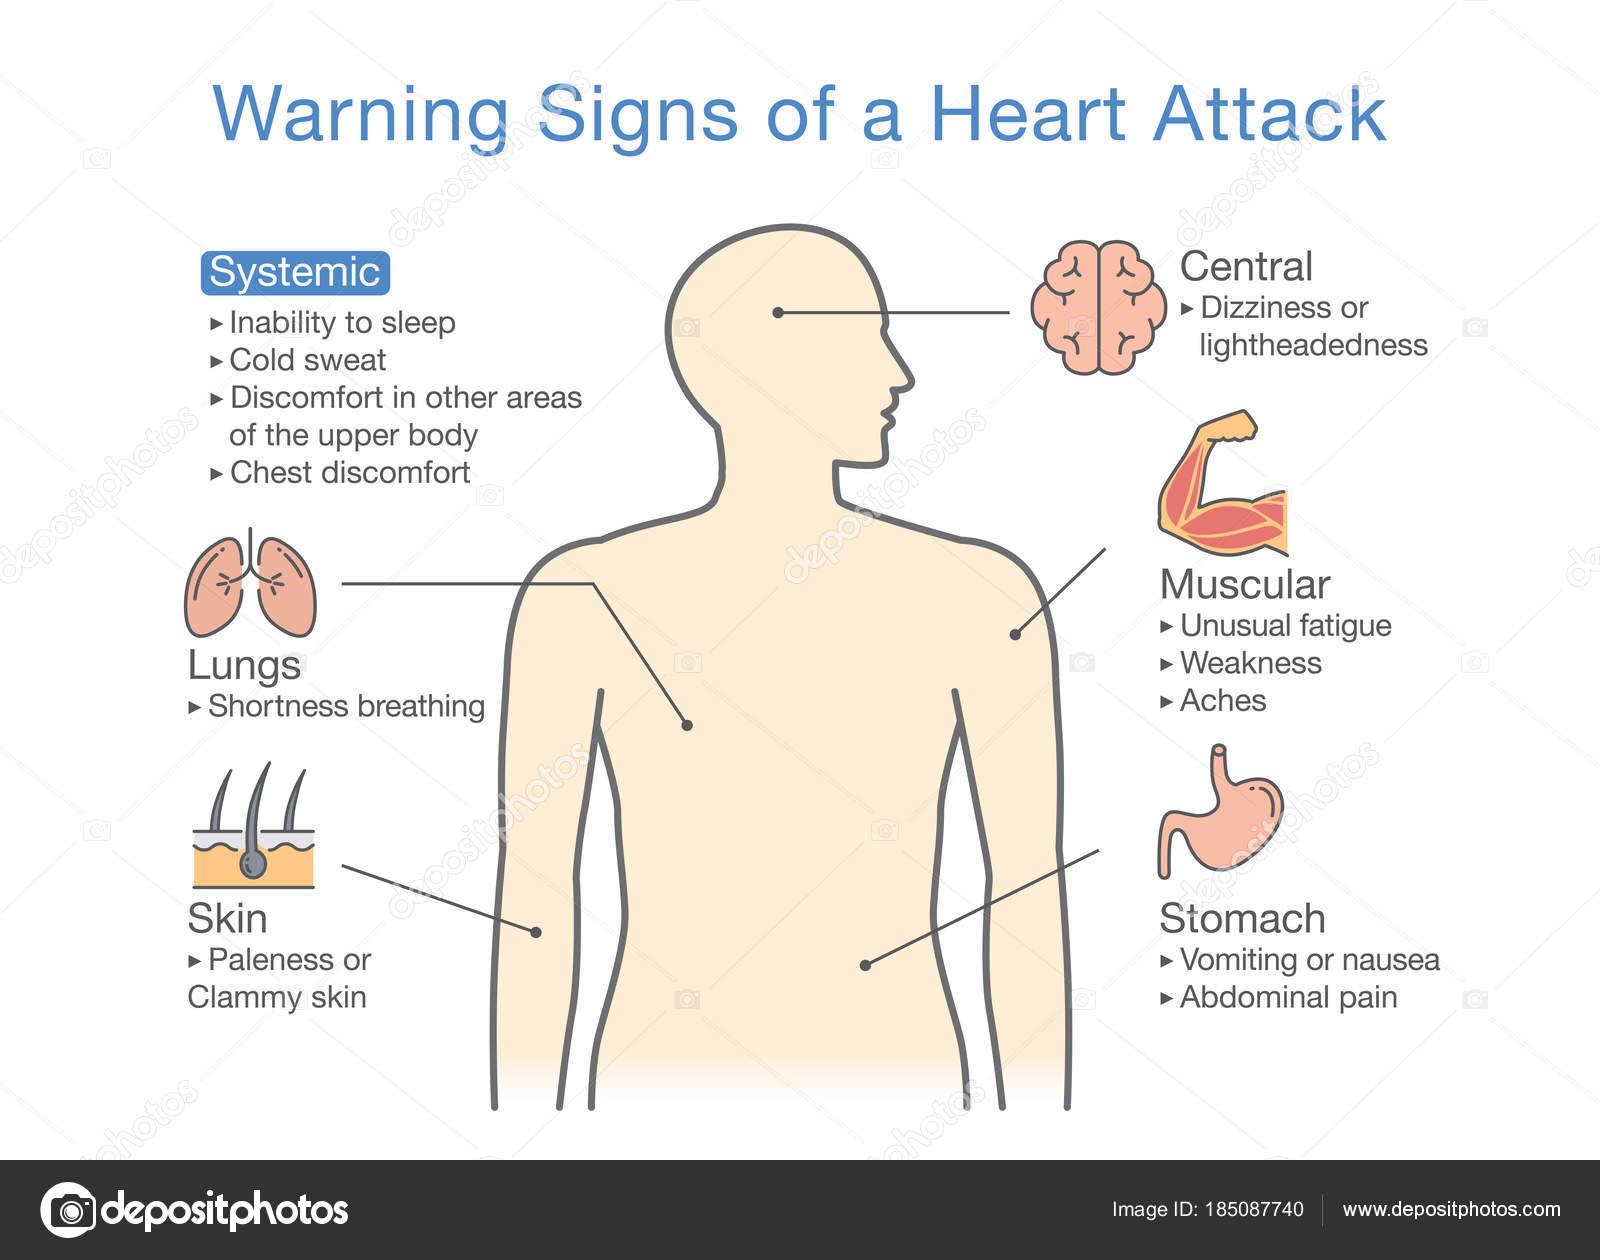 Diagrama Señales Advertencia Ataque Corazón Ilustración Sobre ...